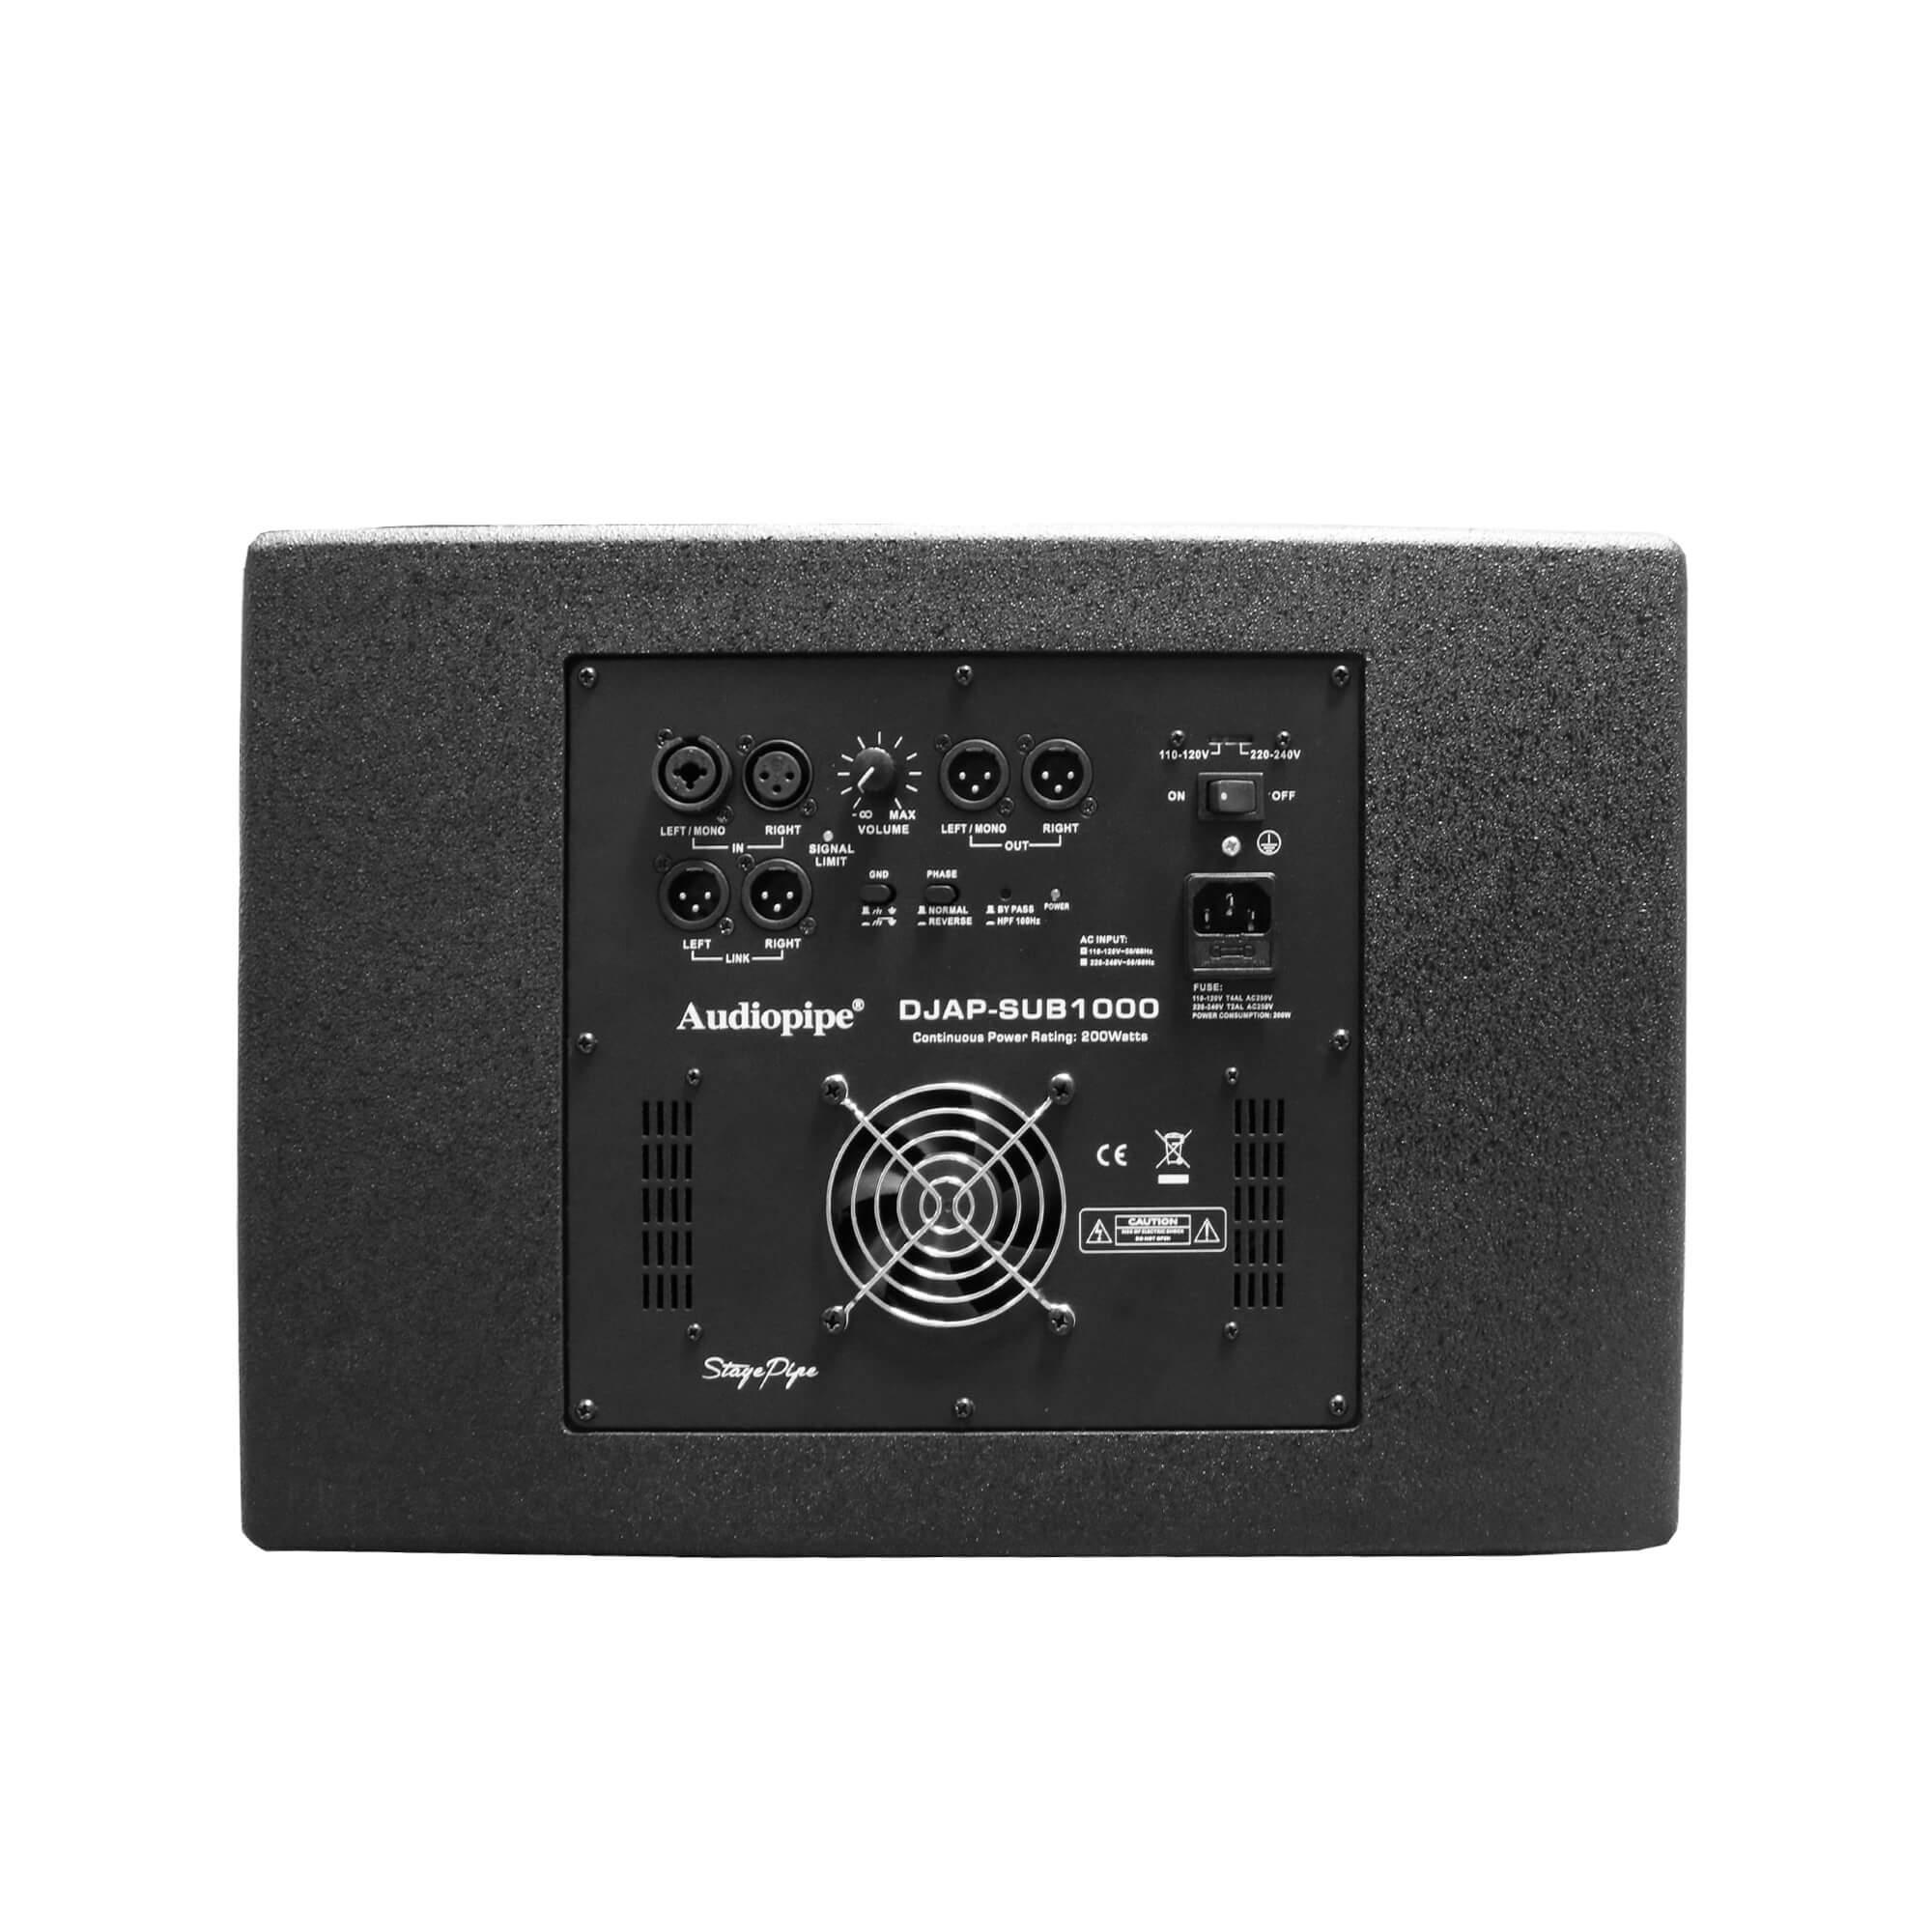 glowshift egt gauge wiring diagram 2000 harley softail ram w350 subwoofer install miifotos